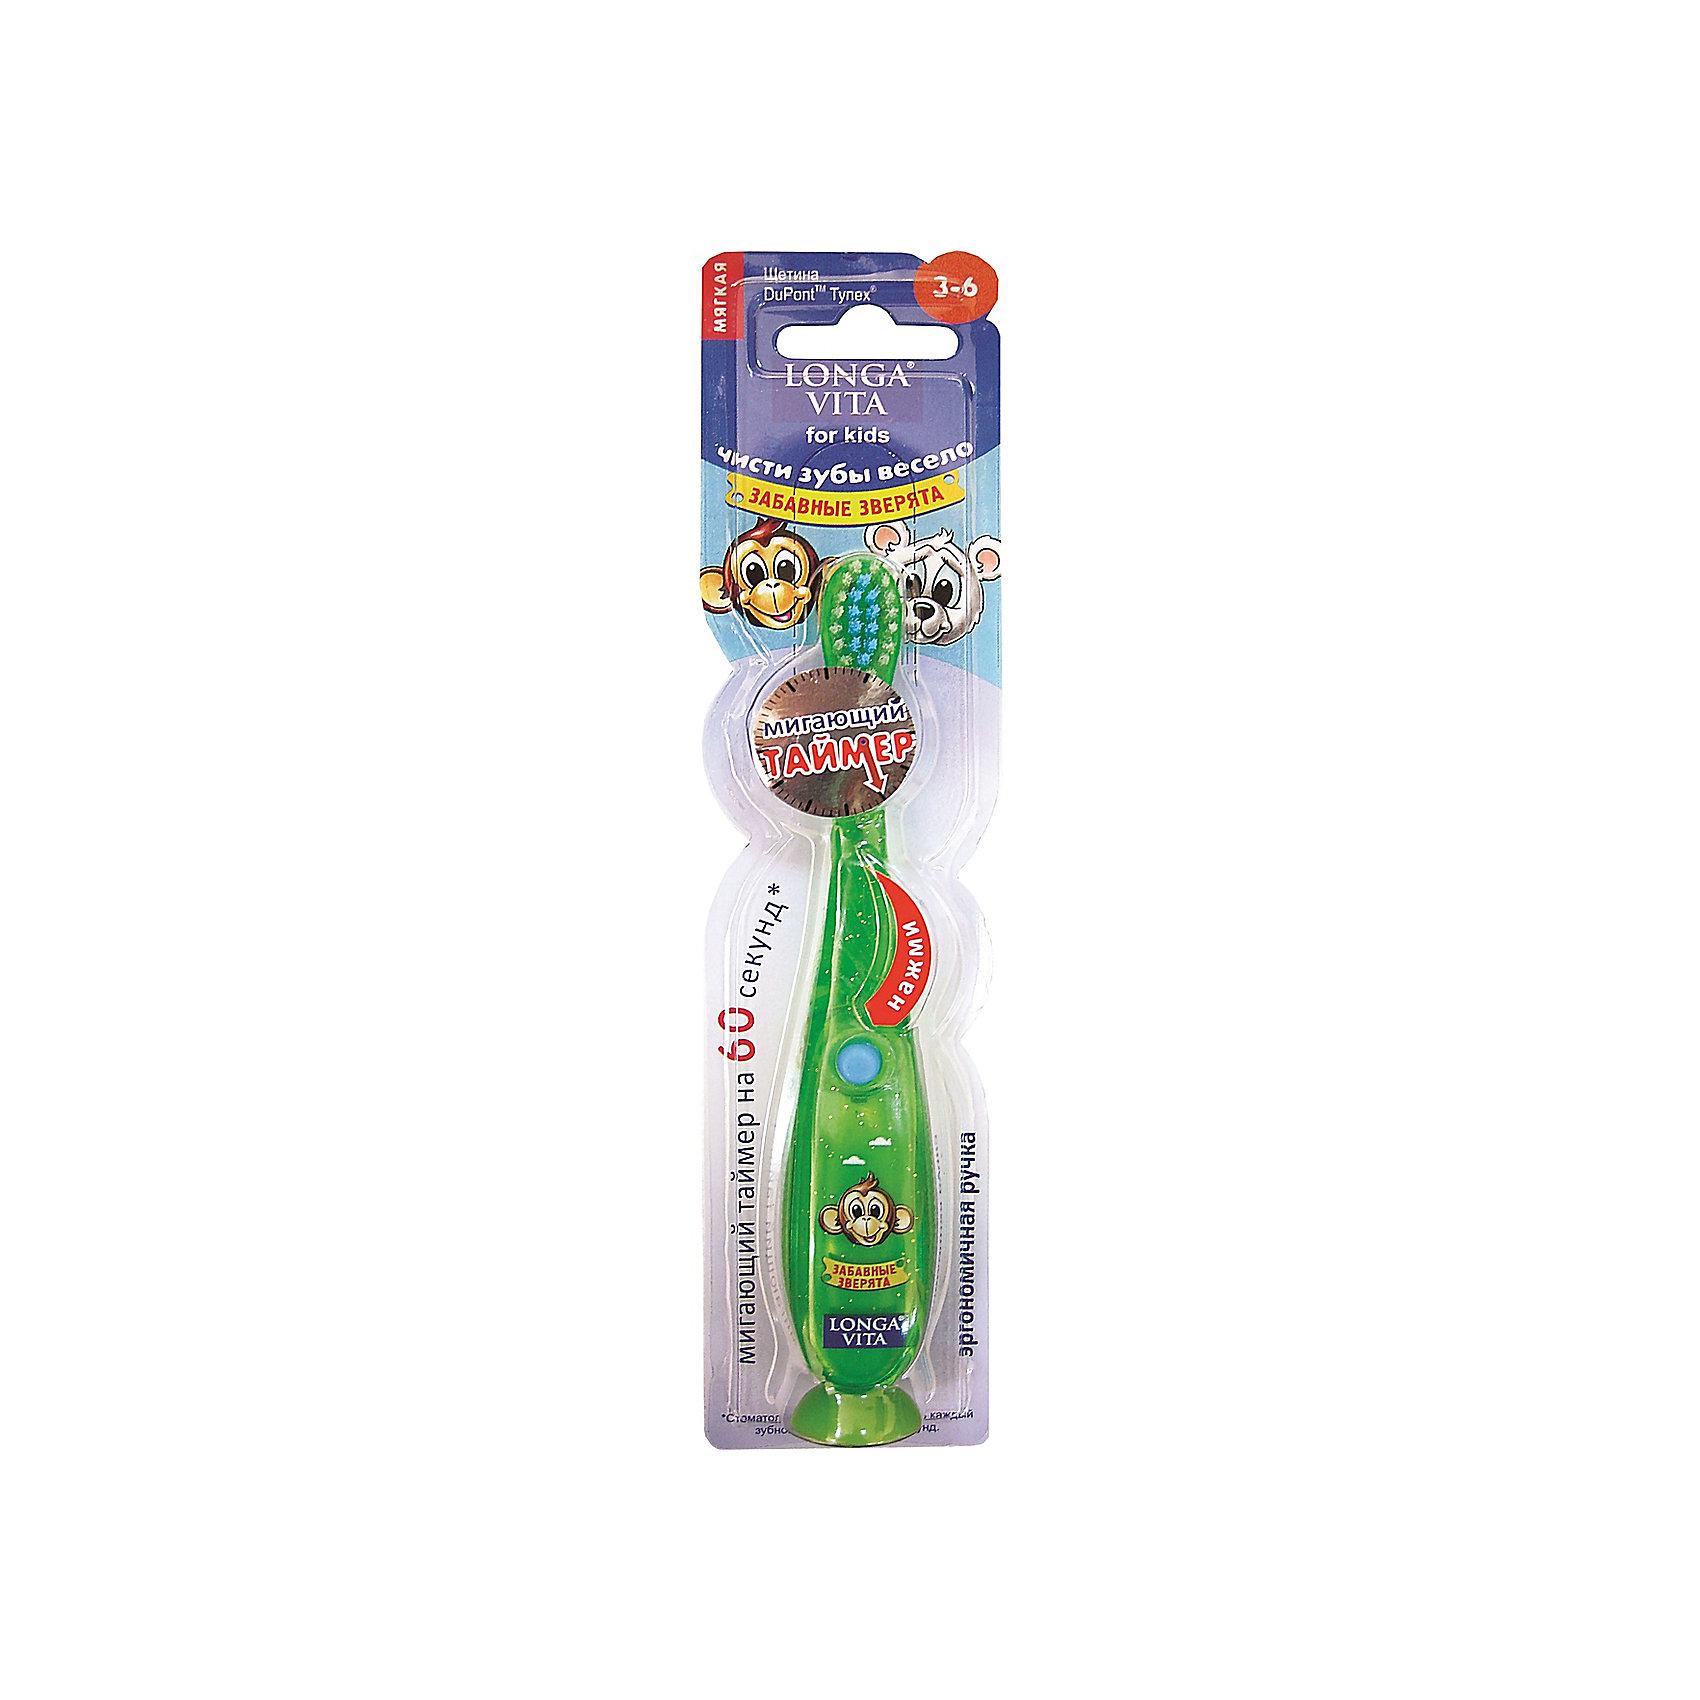 Музыкальная зубная щётка Забавные зверята, 3-6 лет, LONGA VITA, зеленыйМузыкальная зубная щётка Забавные зверята, 3-6 лет, LONGA VITA, зеленый.<br><br>Характеристики:<br><br>- Возрастная категория: для детей от 3 до 6 лет<br>- Жесткость щетины: мягкая<br>- Цвет: зеленый<br>- Музыкальный таймер<br>- Эргономичная ручка<br>- Противоскользящая поверхность ручки<br>- Силовой выступ для большого пальца<br>- Цветовое поле щетины для оптимального дозирования пасты<br>- Привлекательный дизайн<br>- Размер в упаковке: 5,1x22,1x2,5 см.<br><br>Музыкальная зубная щётка Забавные зверята LONGA VITA с забавной обезьянкой, нарисованной на ручке щетки, понравится ребенку с первого взгляда! Наконец-то чистить зубы - весело! Округлая головка и мягкая щетина DuPont обеспечат безопасную чистку зубов. Эргономичная ручка с противоскользящим покрытием имеет силовой выступ для большого пальца. Музыкальный таймер помогает привить детям навыки чистки зубов: каждый зубной ряд необходимо чистить в течение 60 секунд. Таймер включается нажатием на нижнюю часть щетки и отключается автоматически через 60 секунд. Музыкальная зубная щётка Забавные зверята позволит в игровой форме приучить ребенка к необходимой процедуре ухода за полостью рта. В комплекте предусмотрены незаменяемые батарейки.<br><br>Музыкальную зубную щётку Забавные зверята, 3-6 лет, LONGA VITA, зеленую можно купить в нашем интернет-магазине.<br><br>Ширина мм: 160<br>Глубина мм: 20<br>Высота мм: 25<br>Вес г: 40<br>Возраст от месяцев: 36<br>Возраст до месяцев: 72<br>Пол: Унисекс<br>Возраст: Детский<br>SKU: 5010382